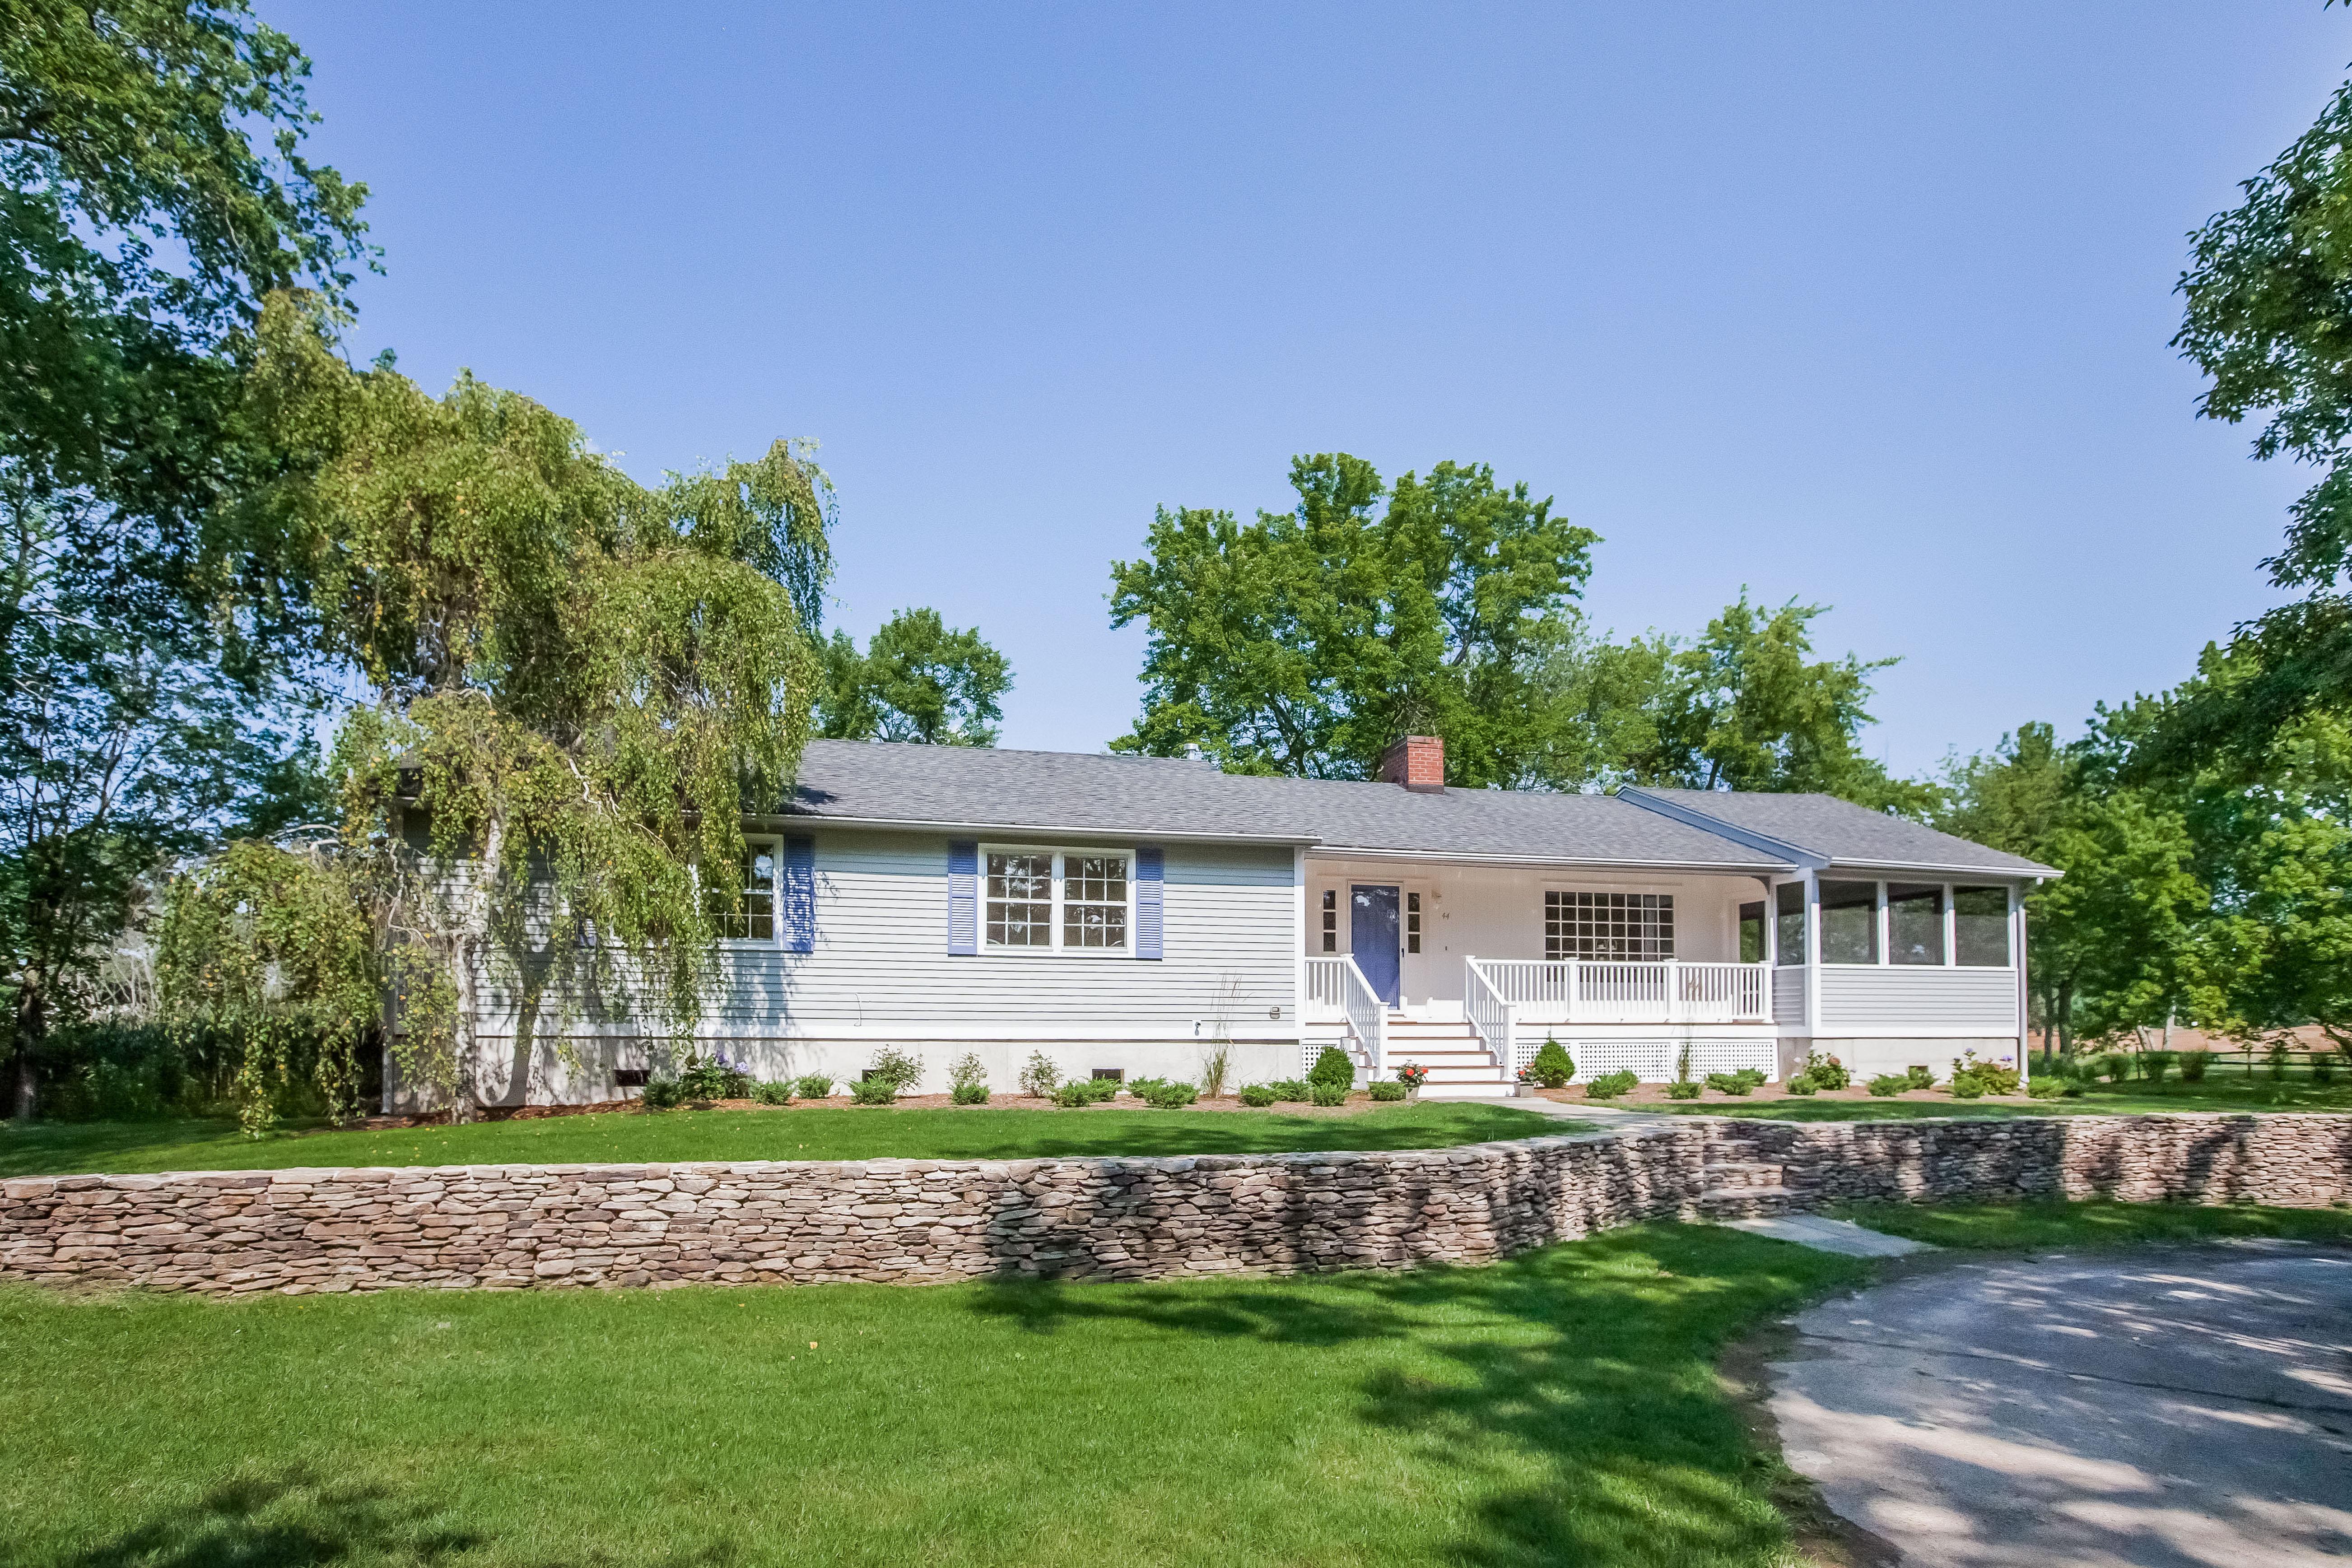 Einfamilienhaus für Verkauf beim 44 Middle Beach Road West Madison, Connecticut, 06443 Vereinigte Staaten